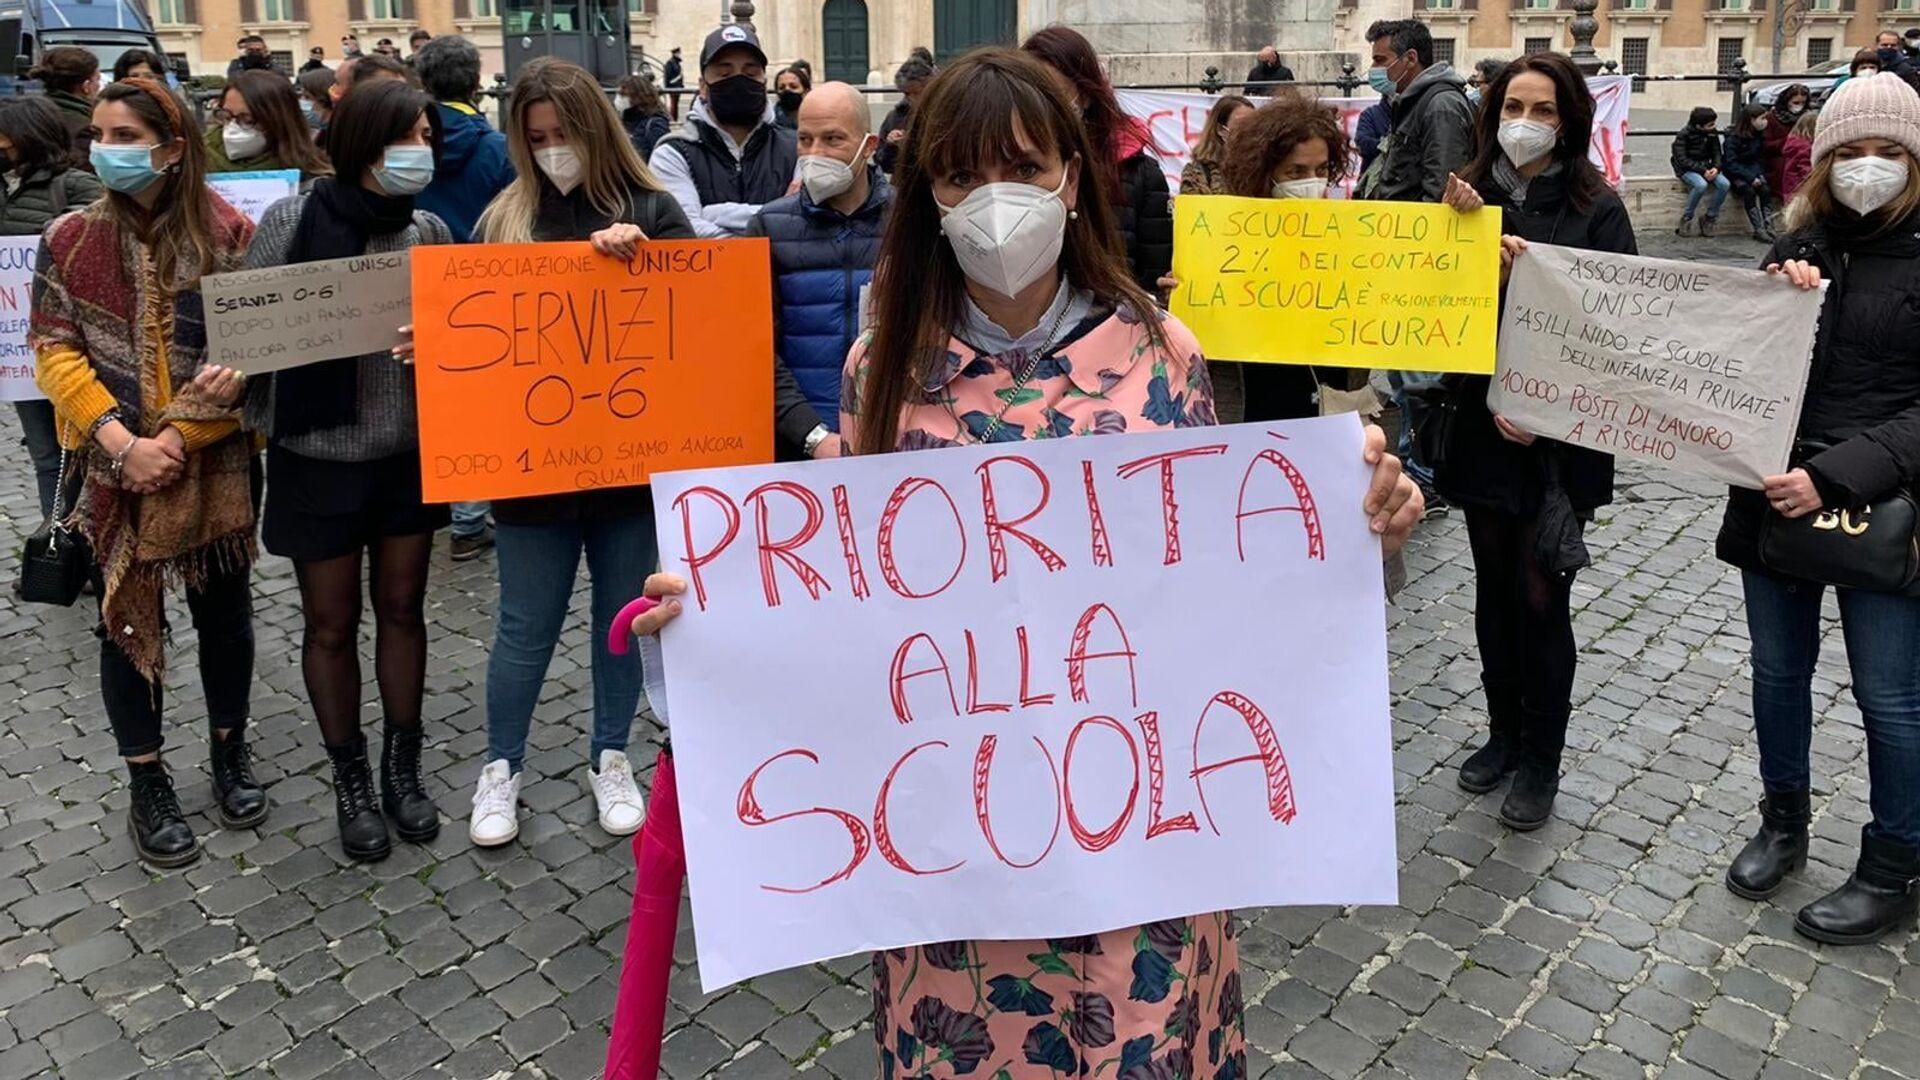 Manifestazione del Comitato Priorità alla scuola a Montecitorio, Roma - Sputnik Italia, 1920, 14.03.2021